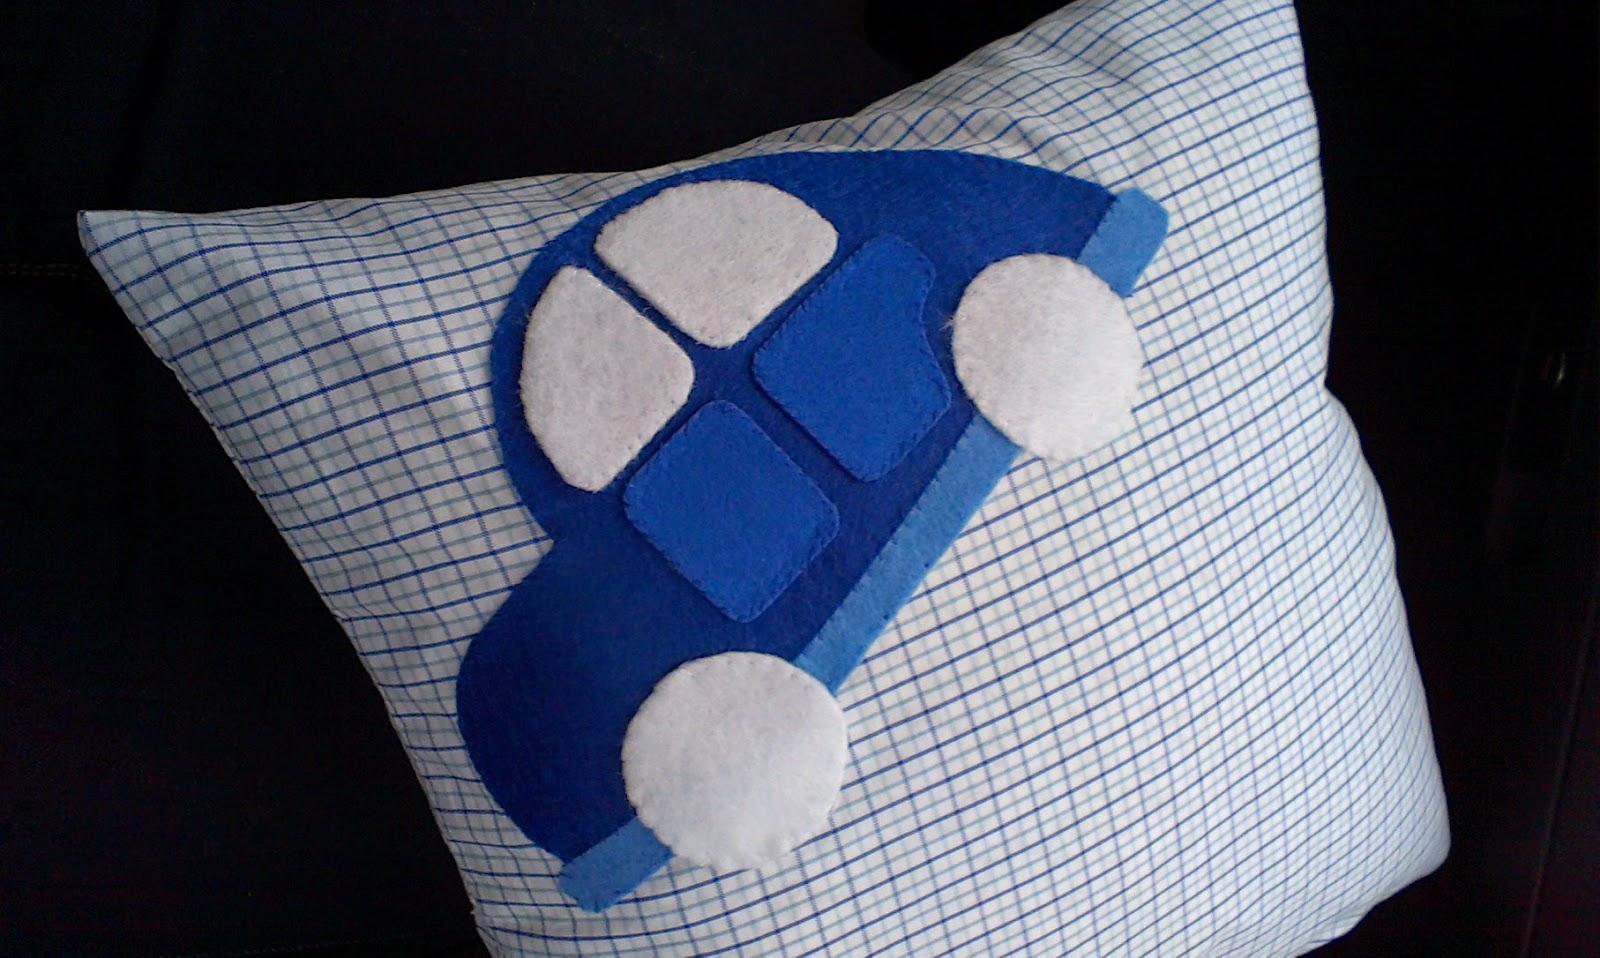 Samochód do spania czyli poduszka z aplikacją